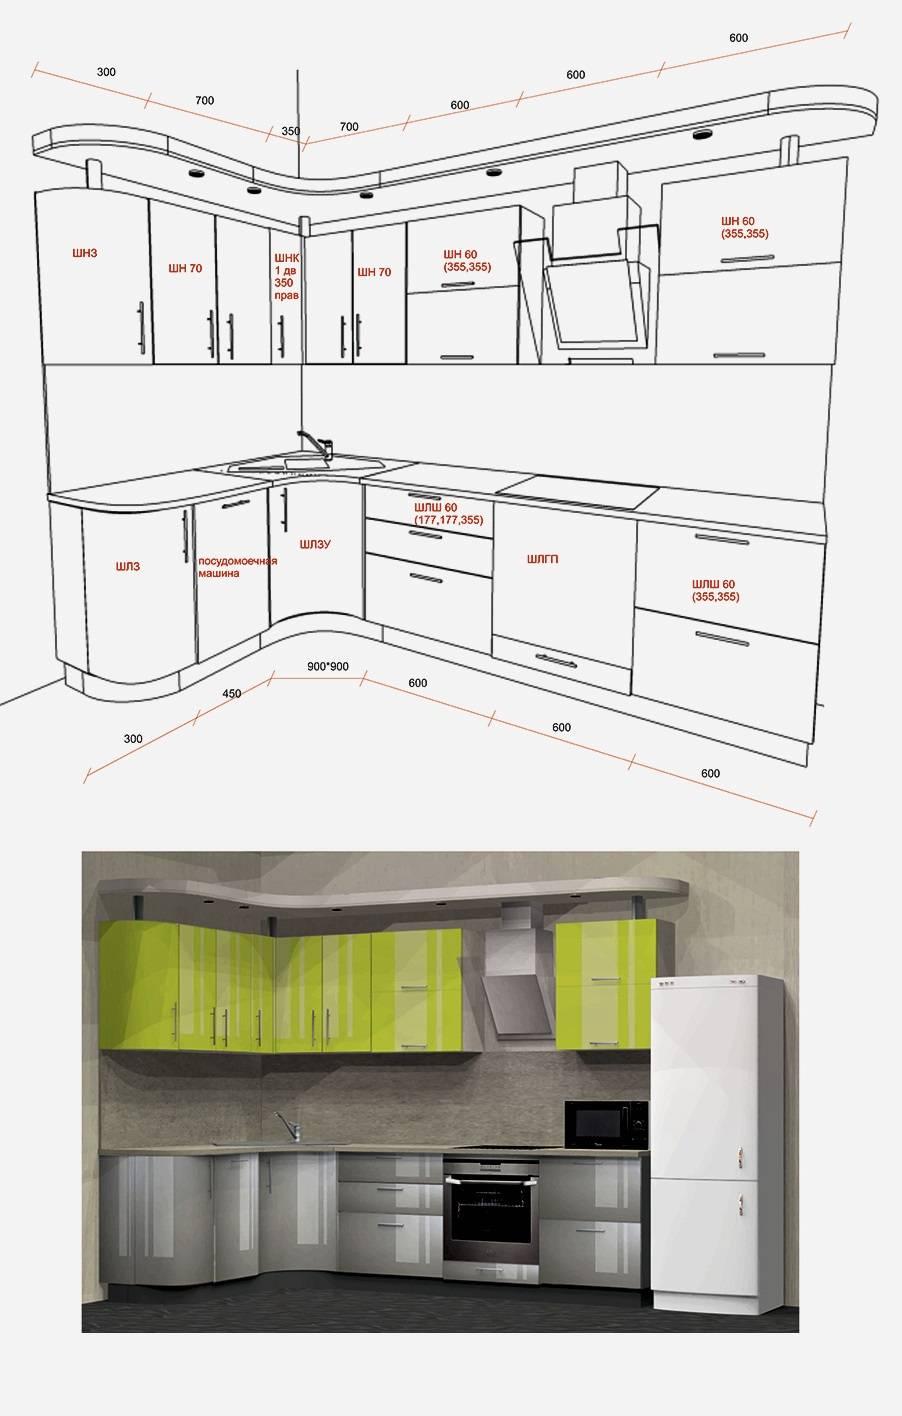 Несколько месяцев работы с корпусной мебелью дали мне представление о материалах и проектировании кухонь, во время ремонта пригодилось